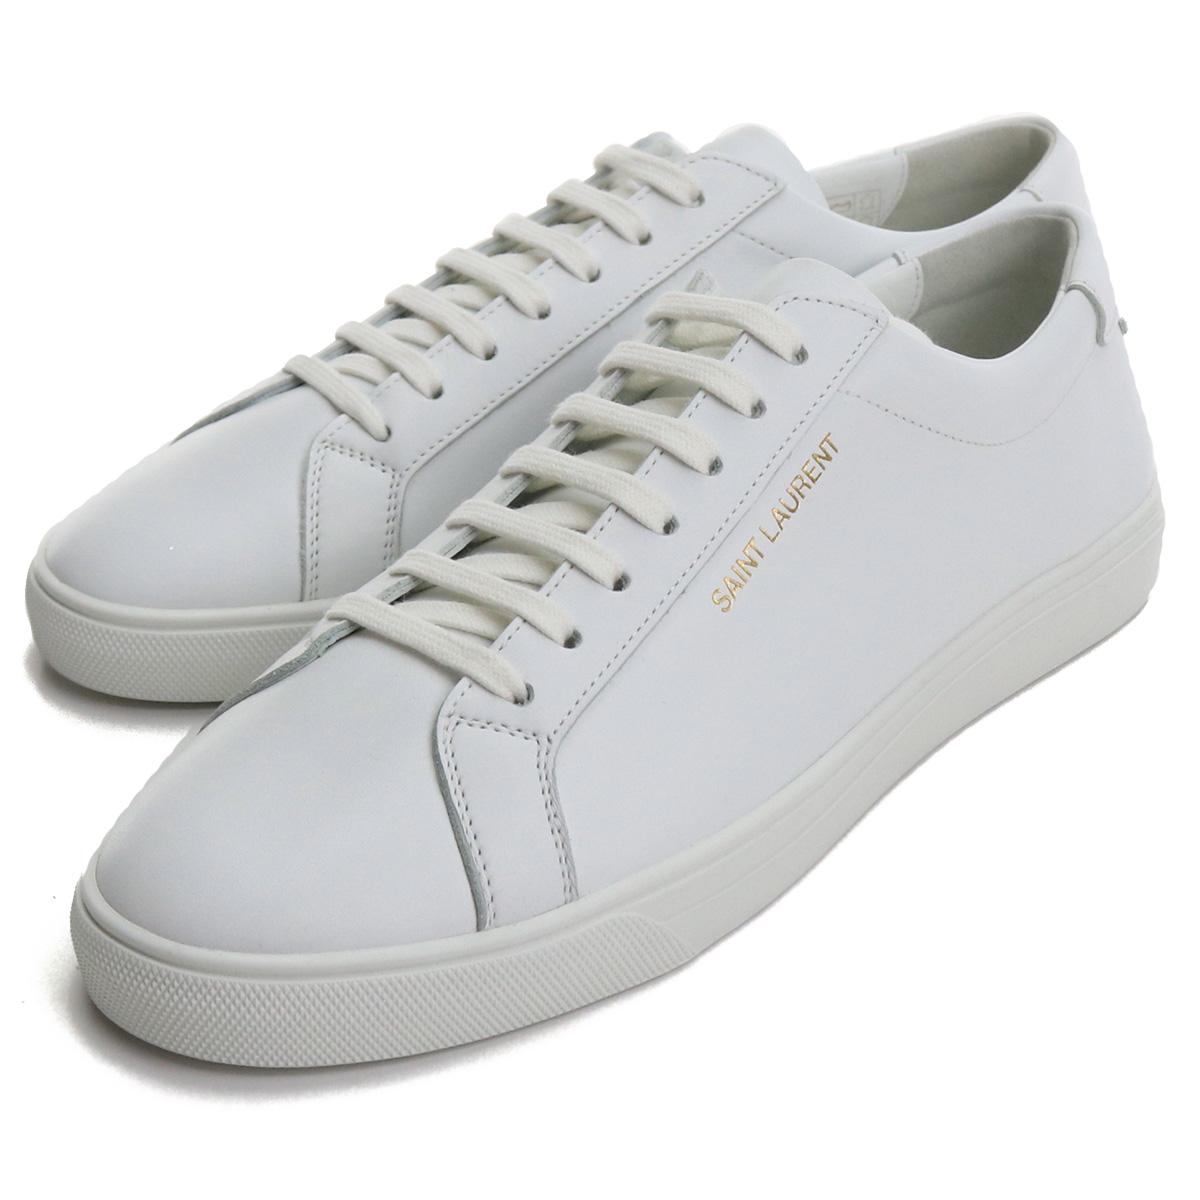 ※ 送料無料 ラッピング無料 28%OFF ブランド公式サイト掲載価格77 000円 サンローラン SAINT LAURENT 0M500 606833 メンズ bos-14 shoes-01 絶品 9030 メンズスニーカー ホワイト系 価格